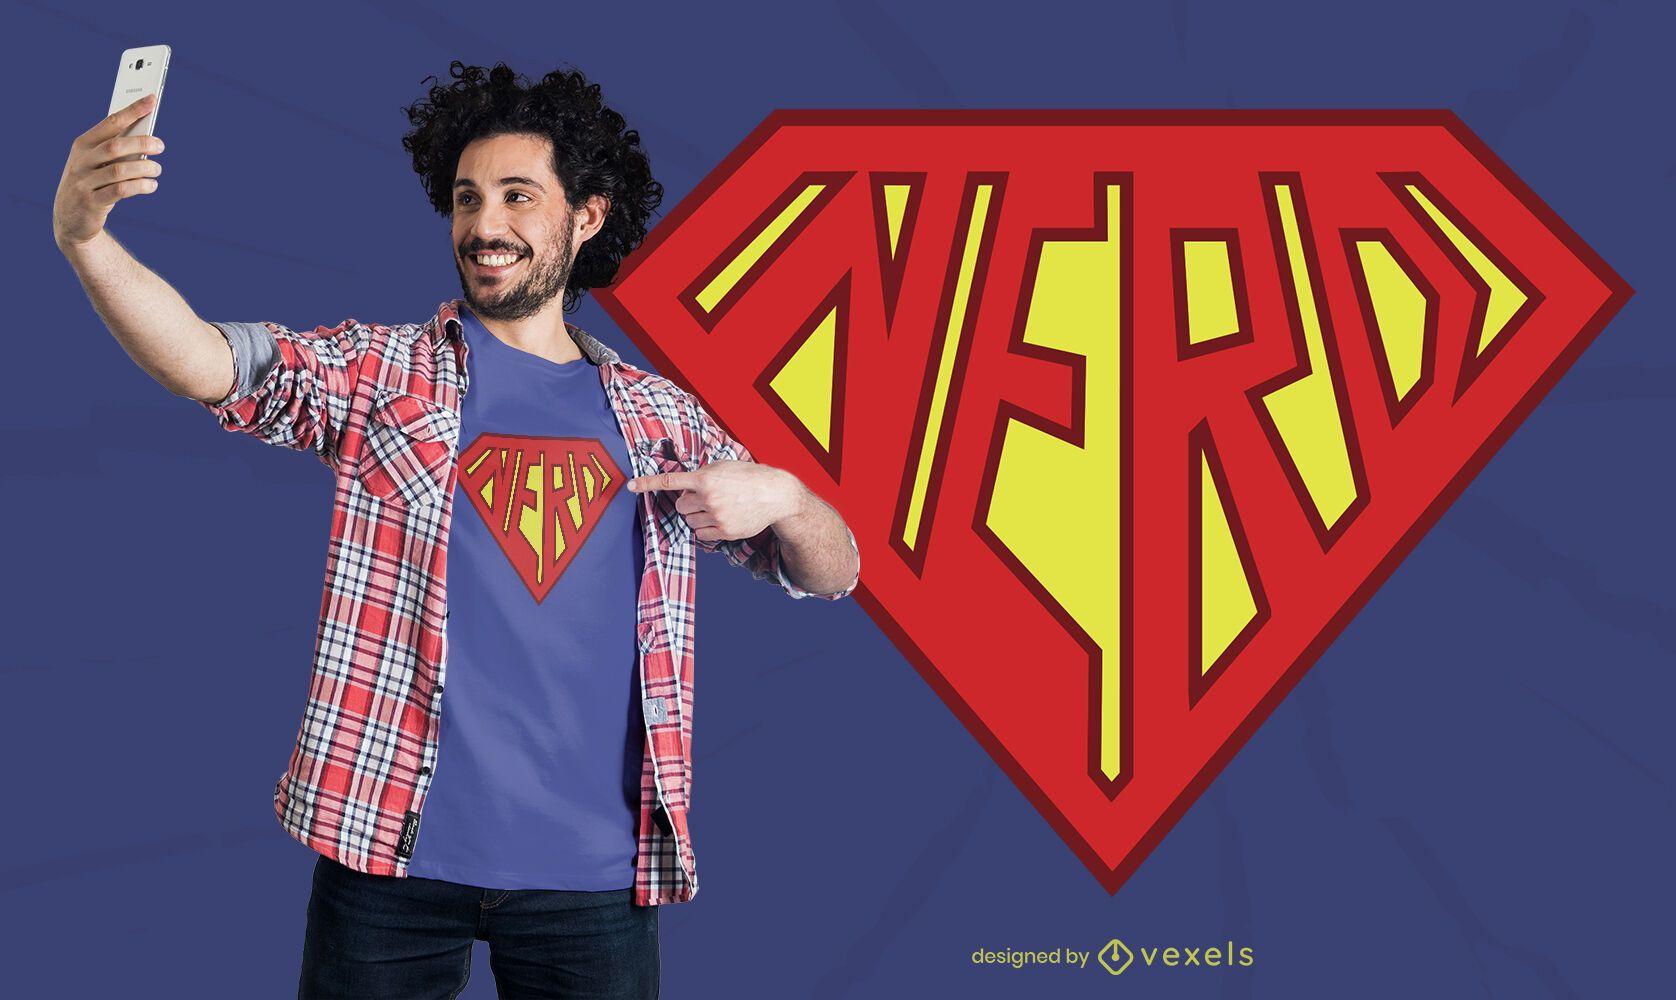 Super nerd t-shirt design